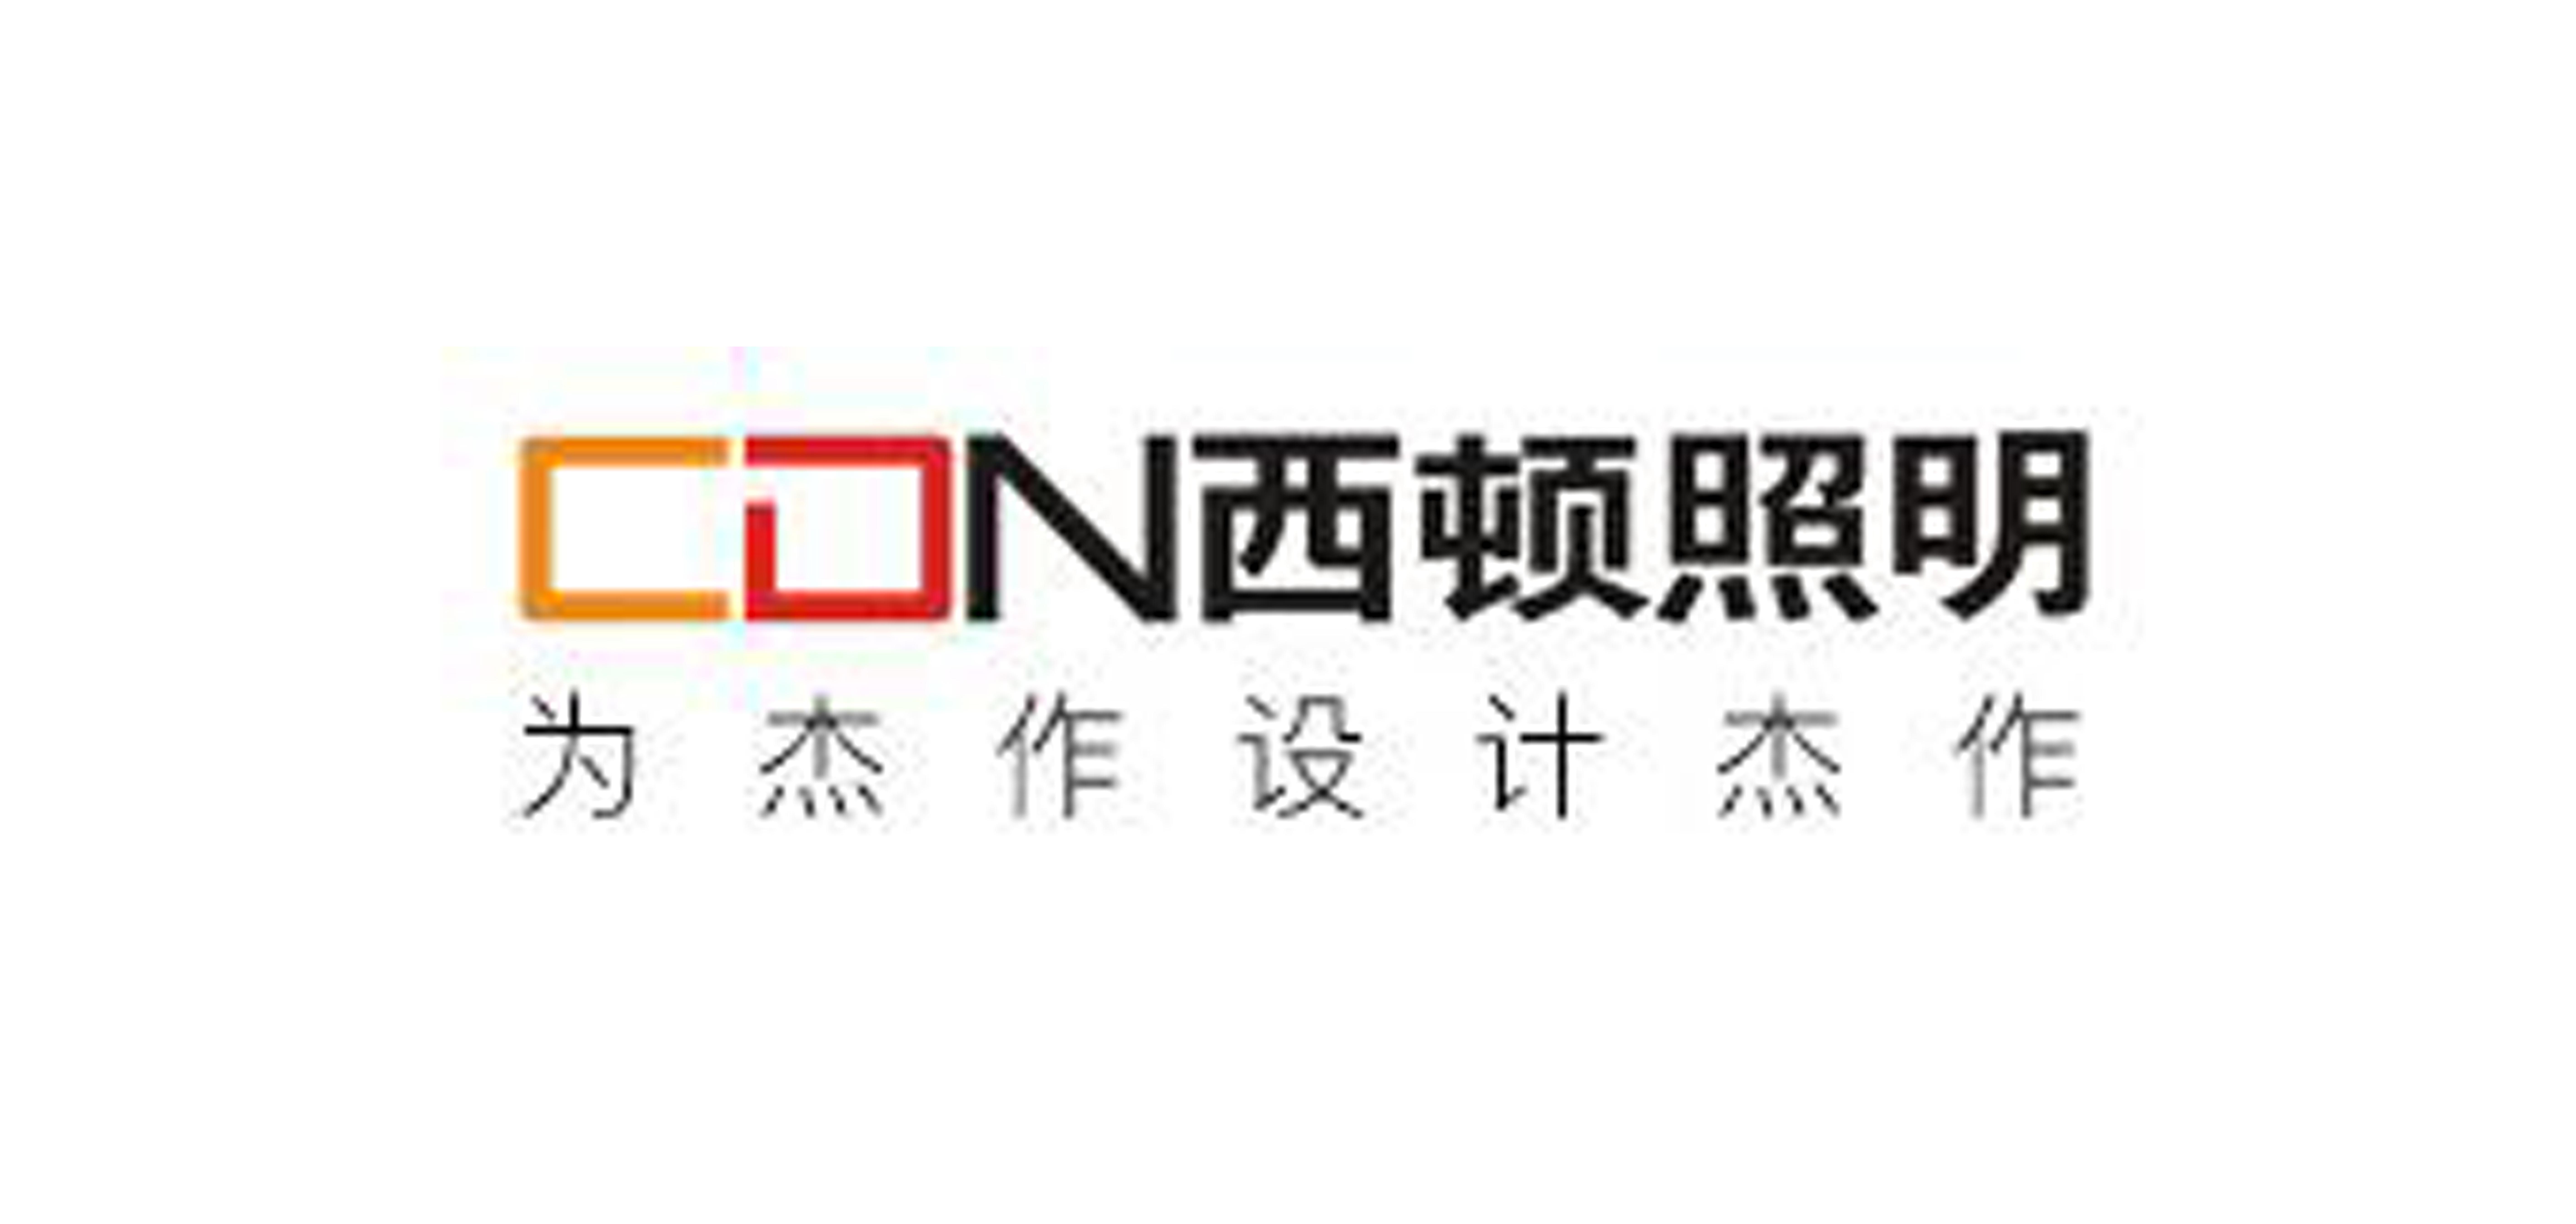 CDN是什么牌子_西顿品牌怎么样?